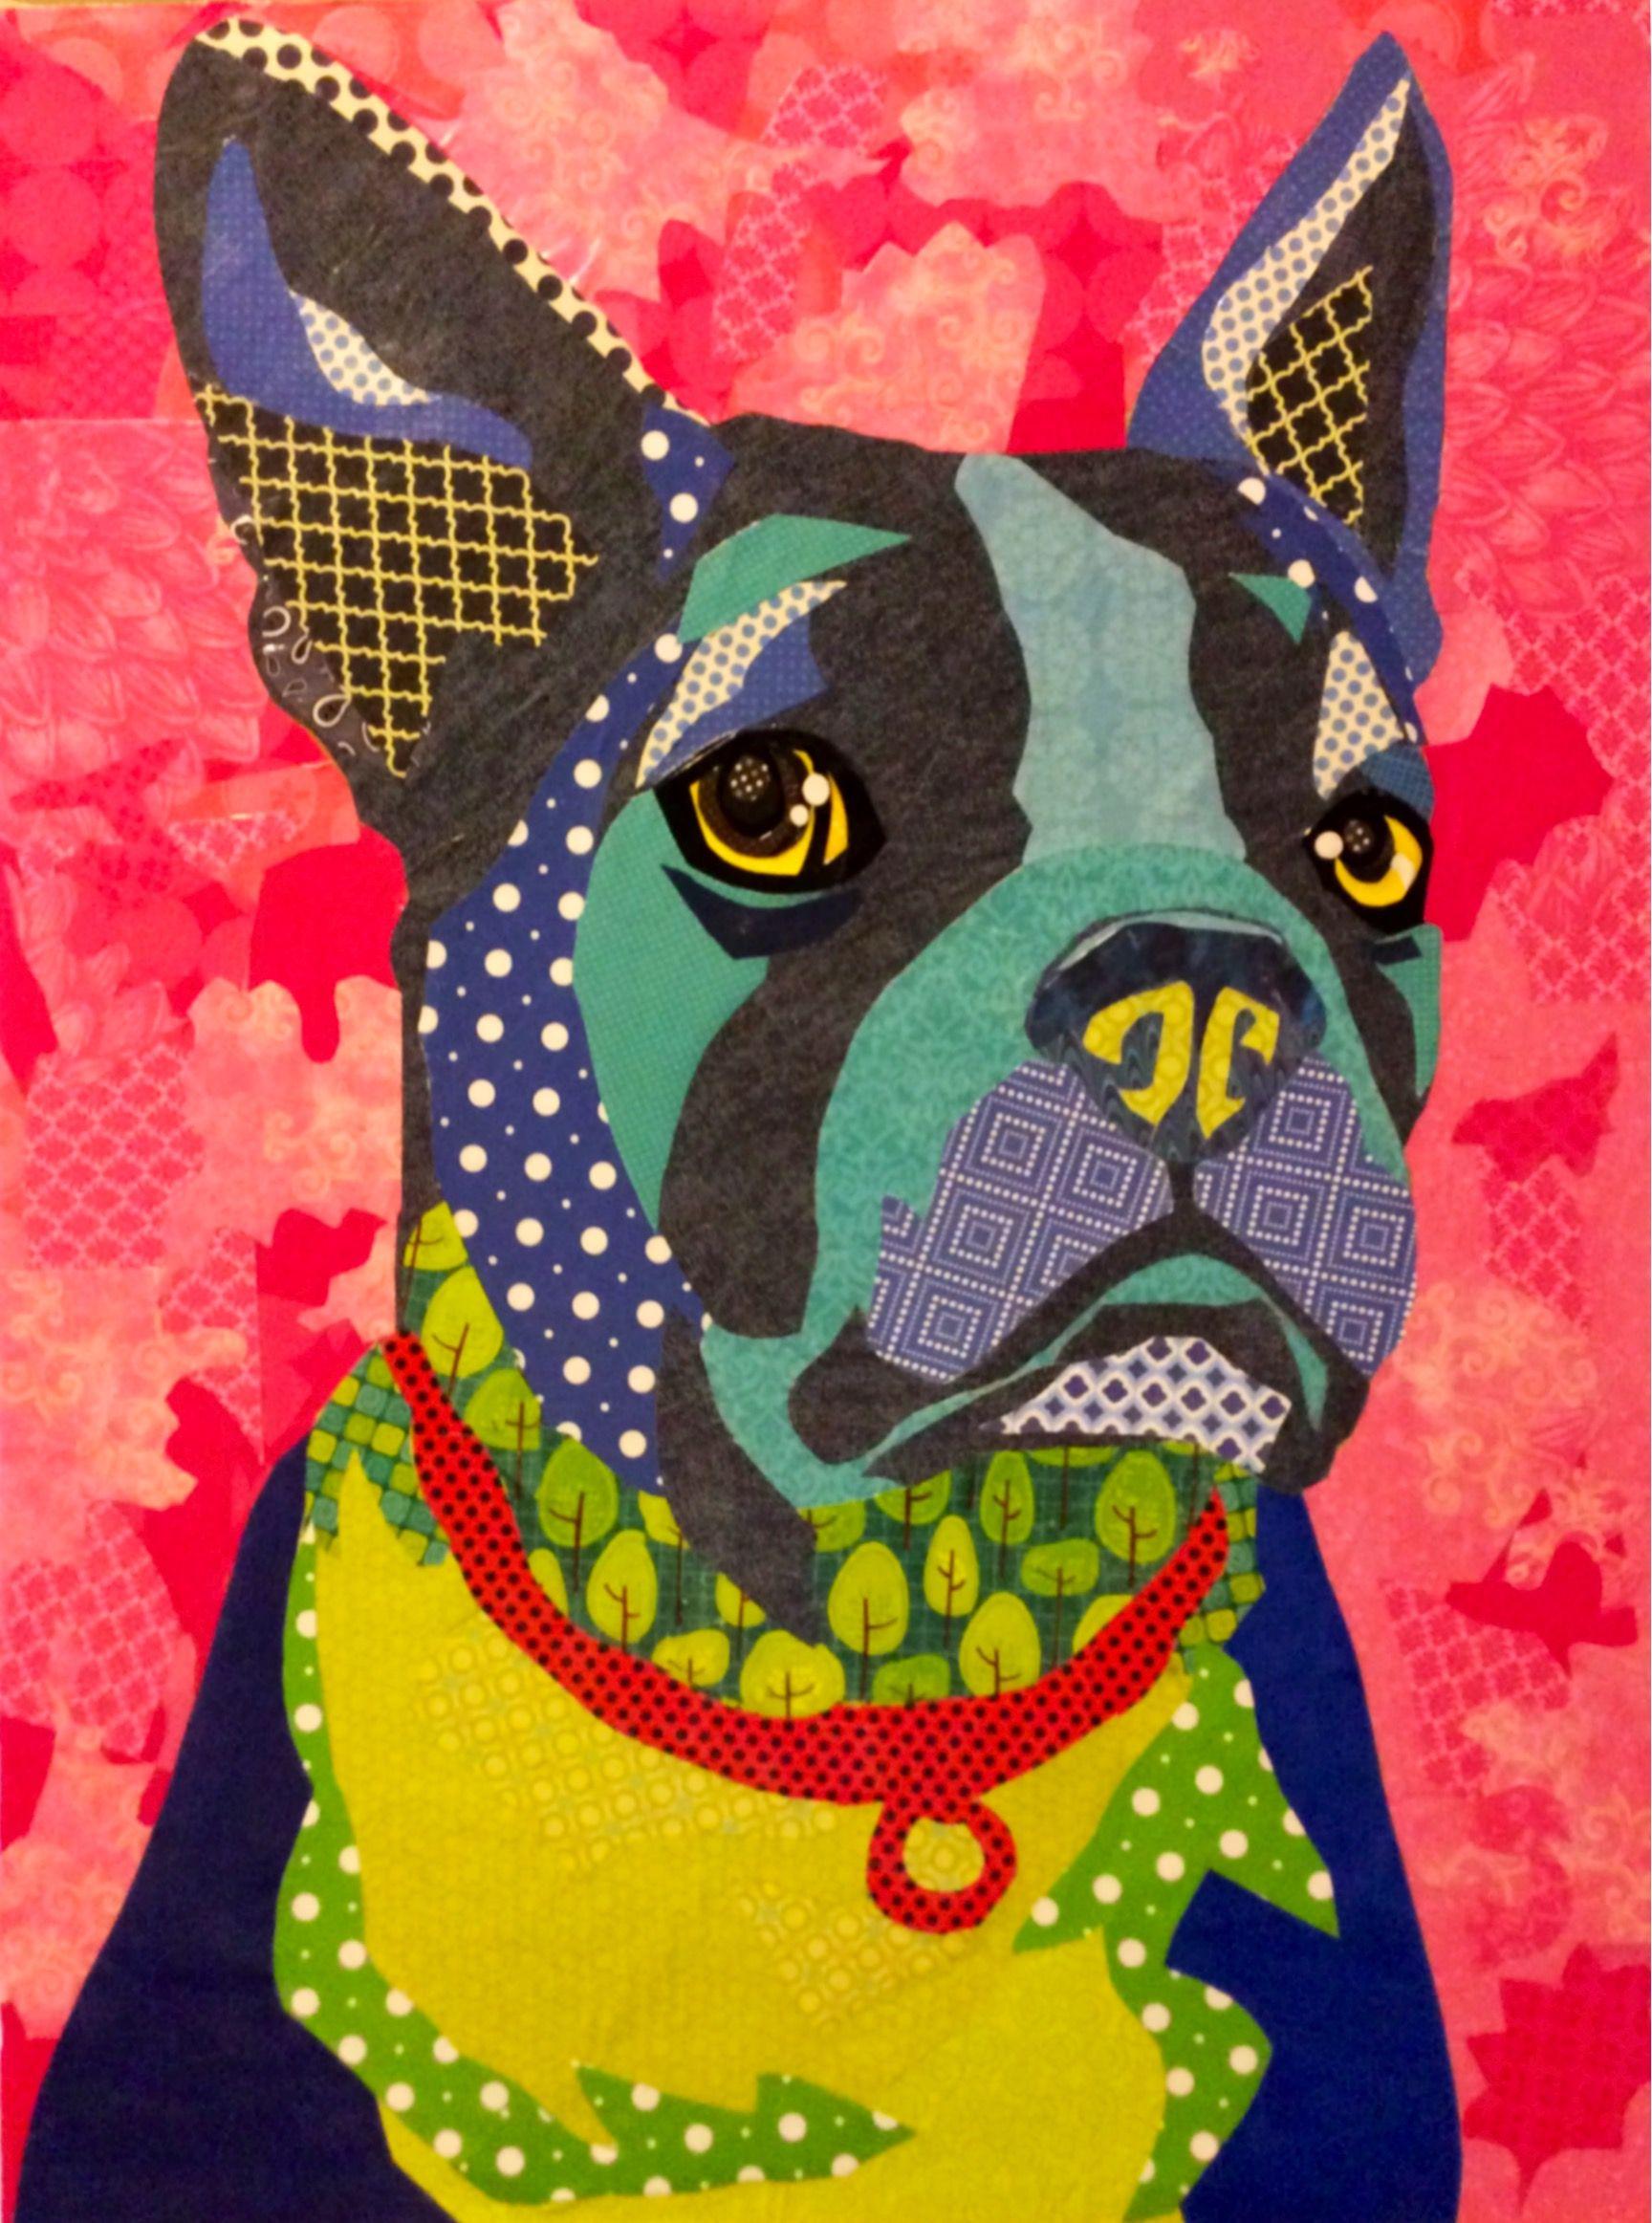 Scrapbook paper collage - Scrapbook Paper Collage Art Boston Terrier Art Collage Art Dog Boston Blue